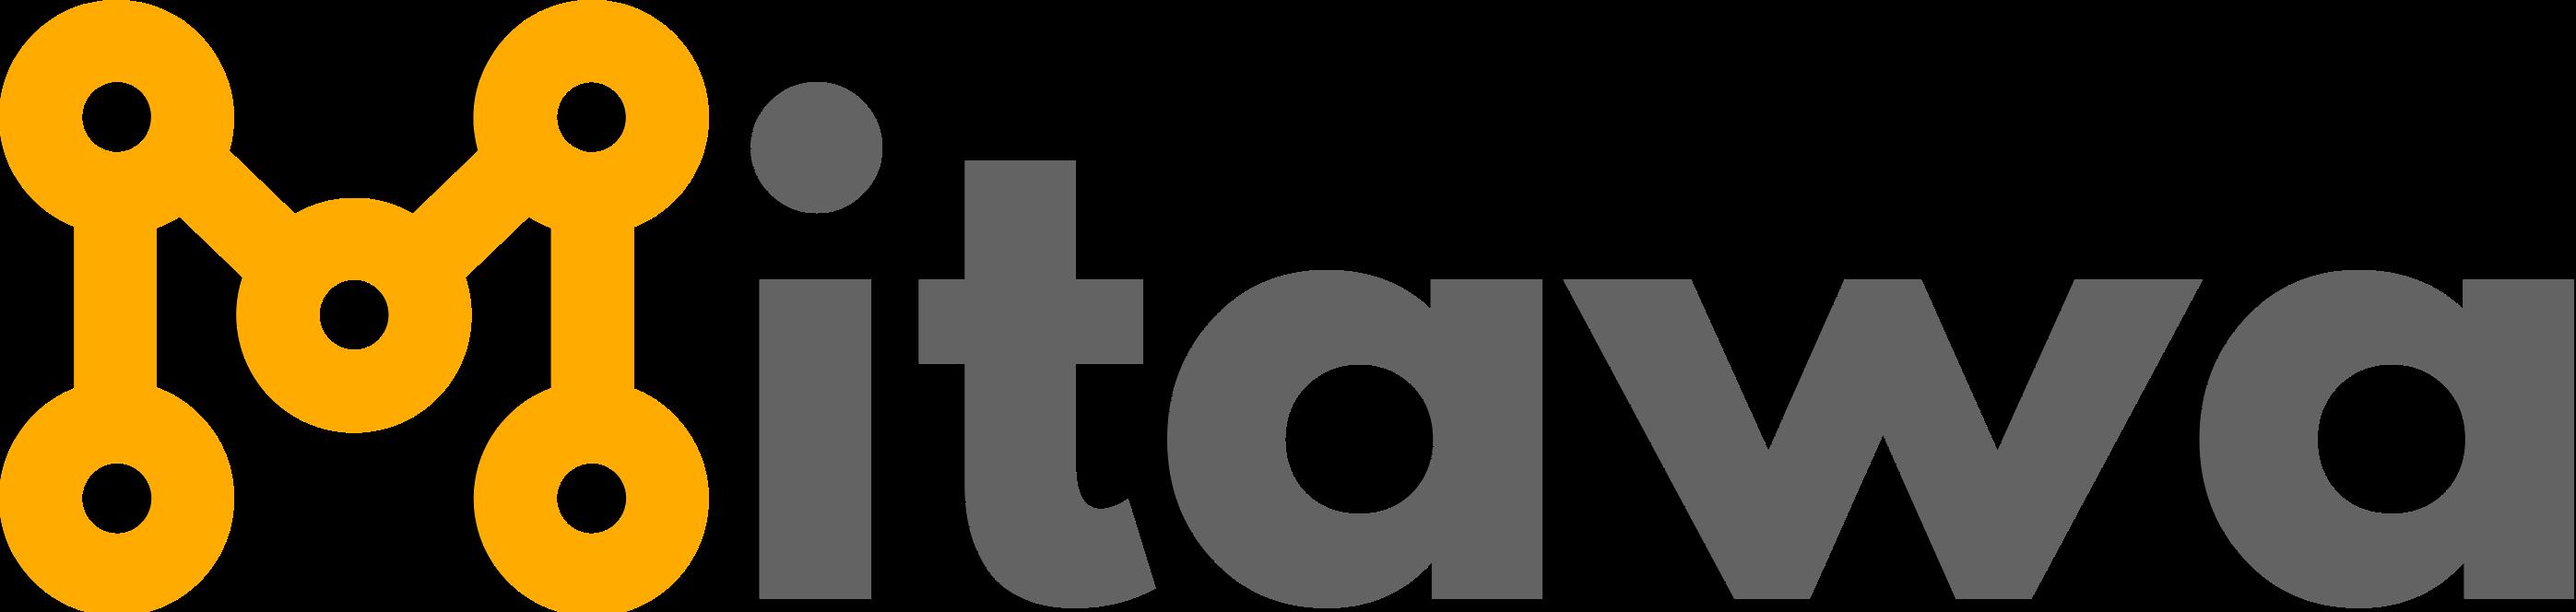 Mitawa – Serwis elektroniki i automatyki przemysłowej